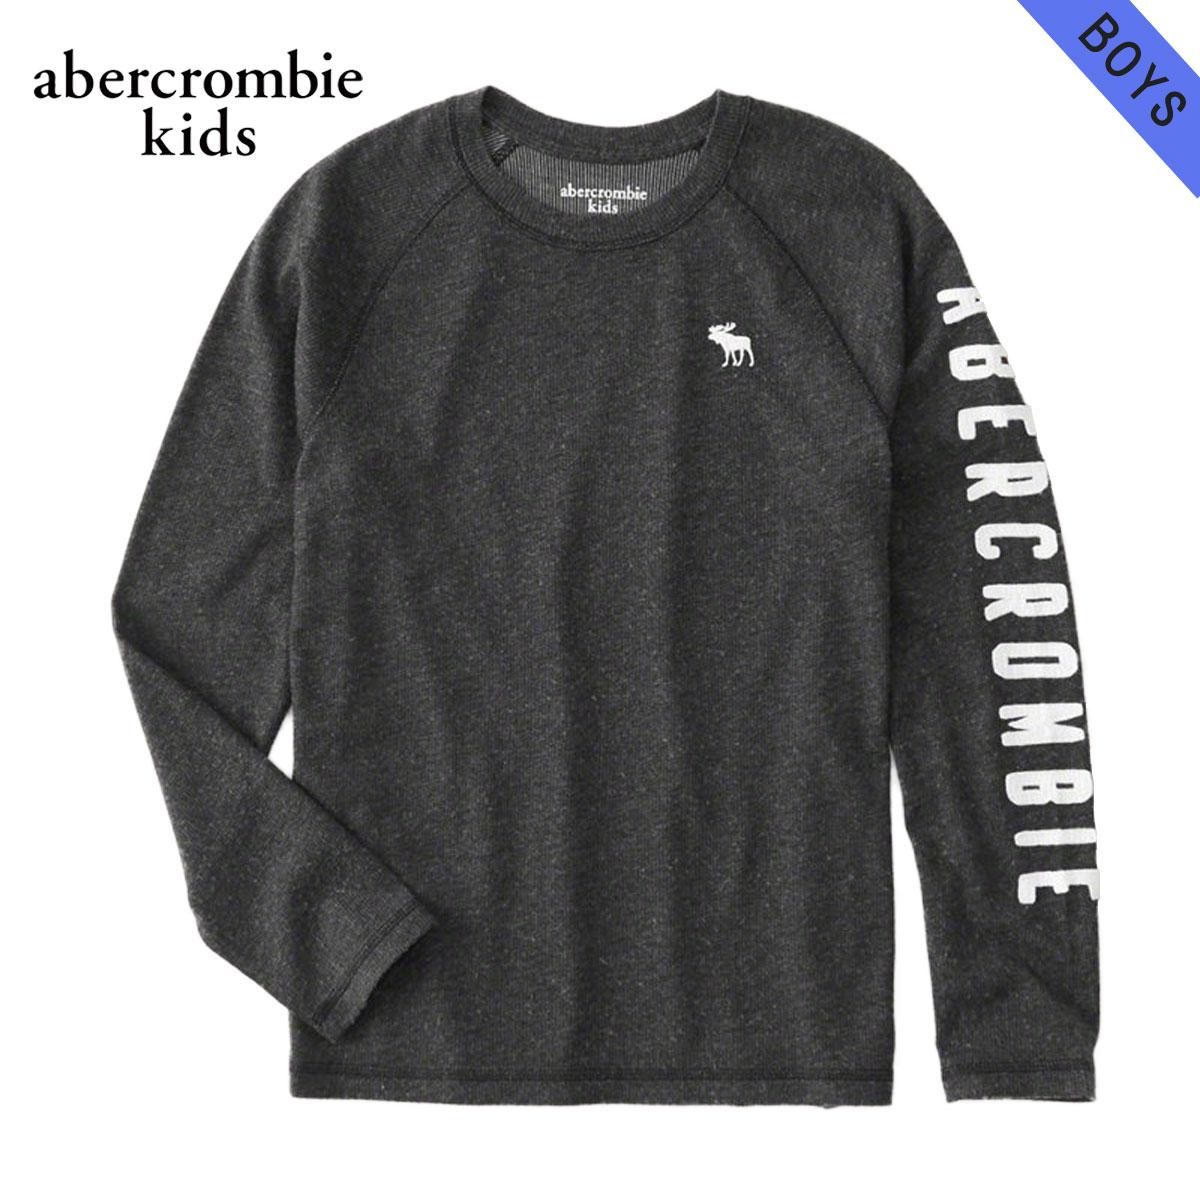 アバクロキッズ AbercrombieKids 正規品 子供服 ボーイズ クルーネック長袖Tシャツ cozy logo graphic tee 223-616-0101-091